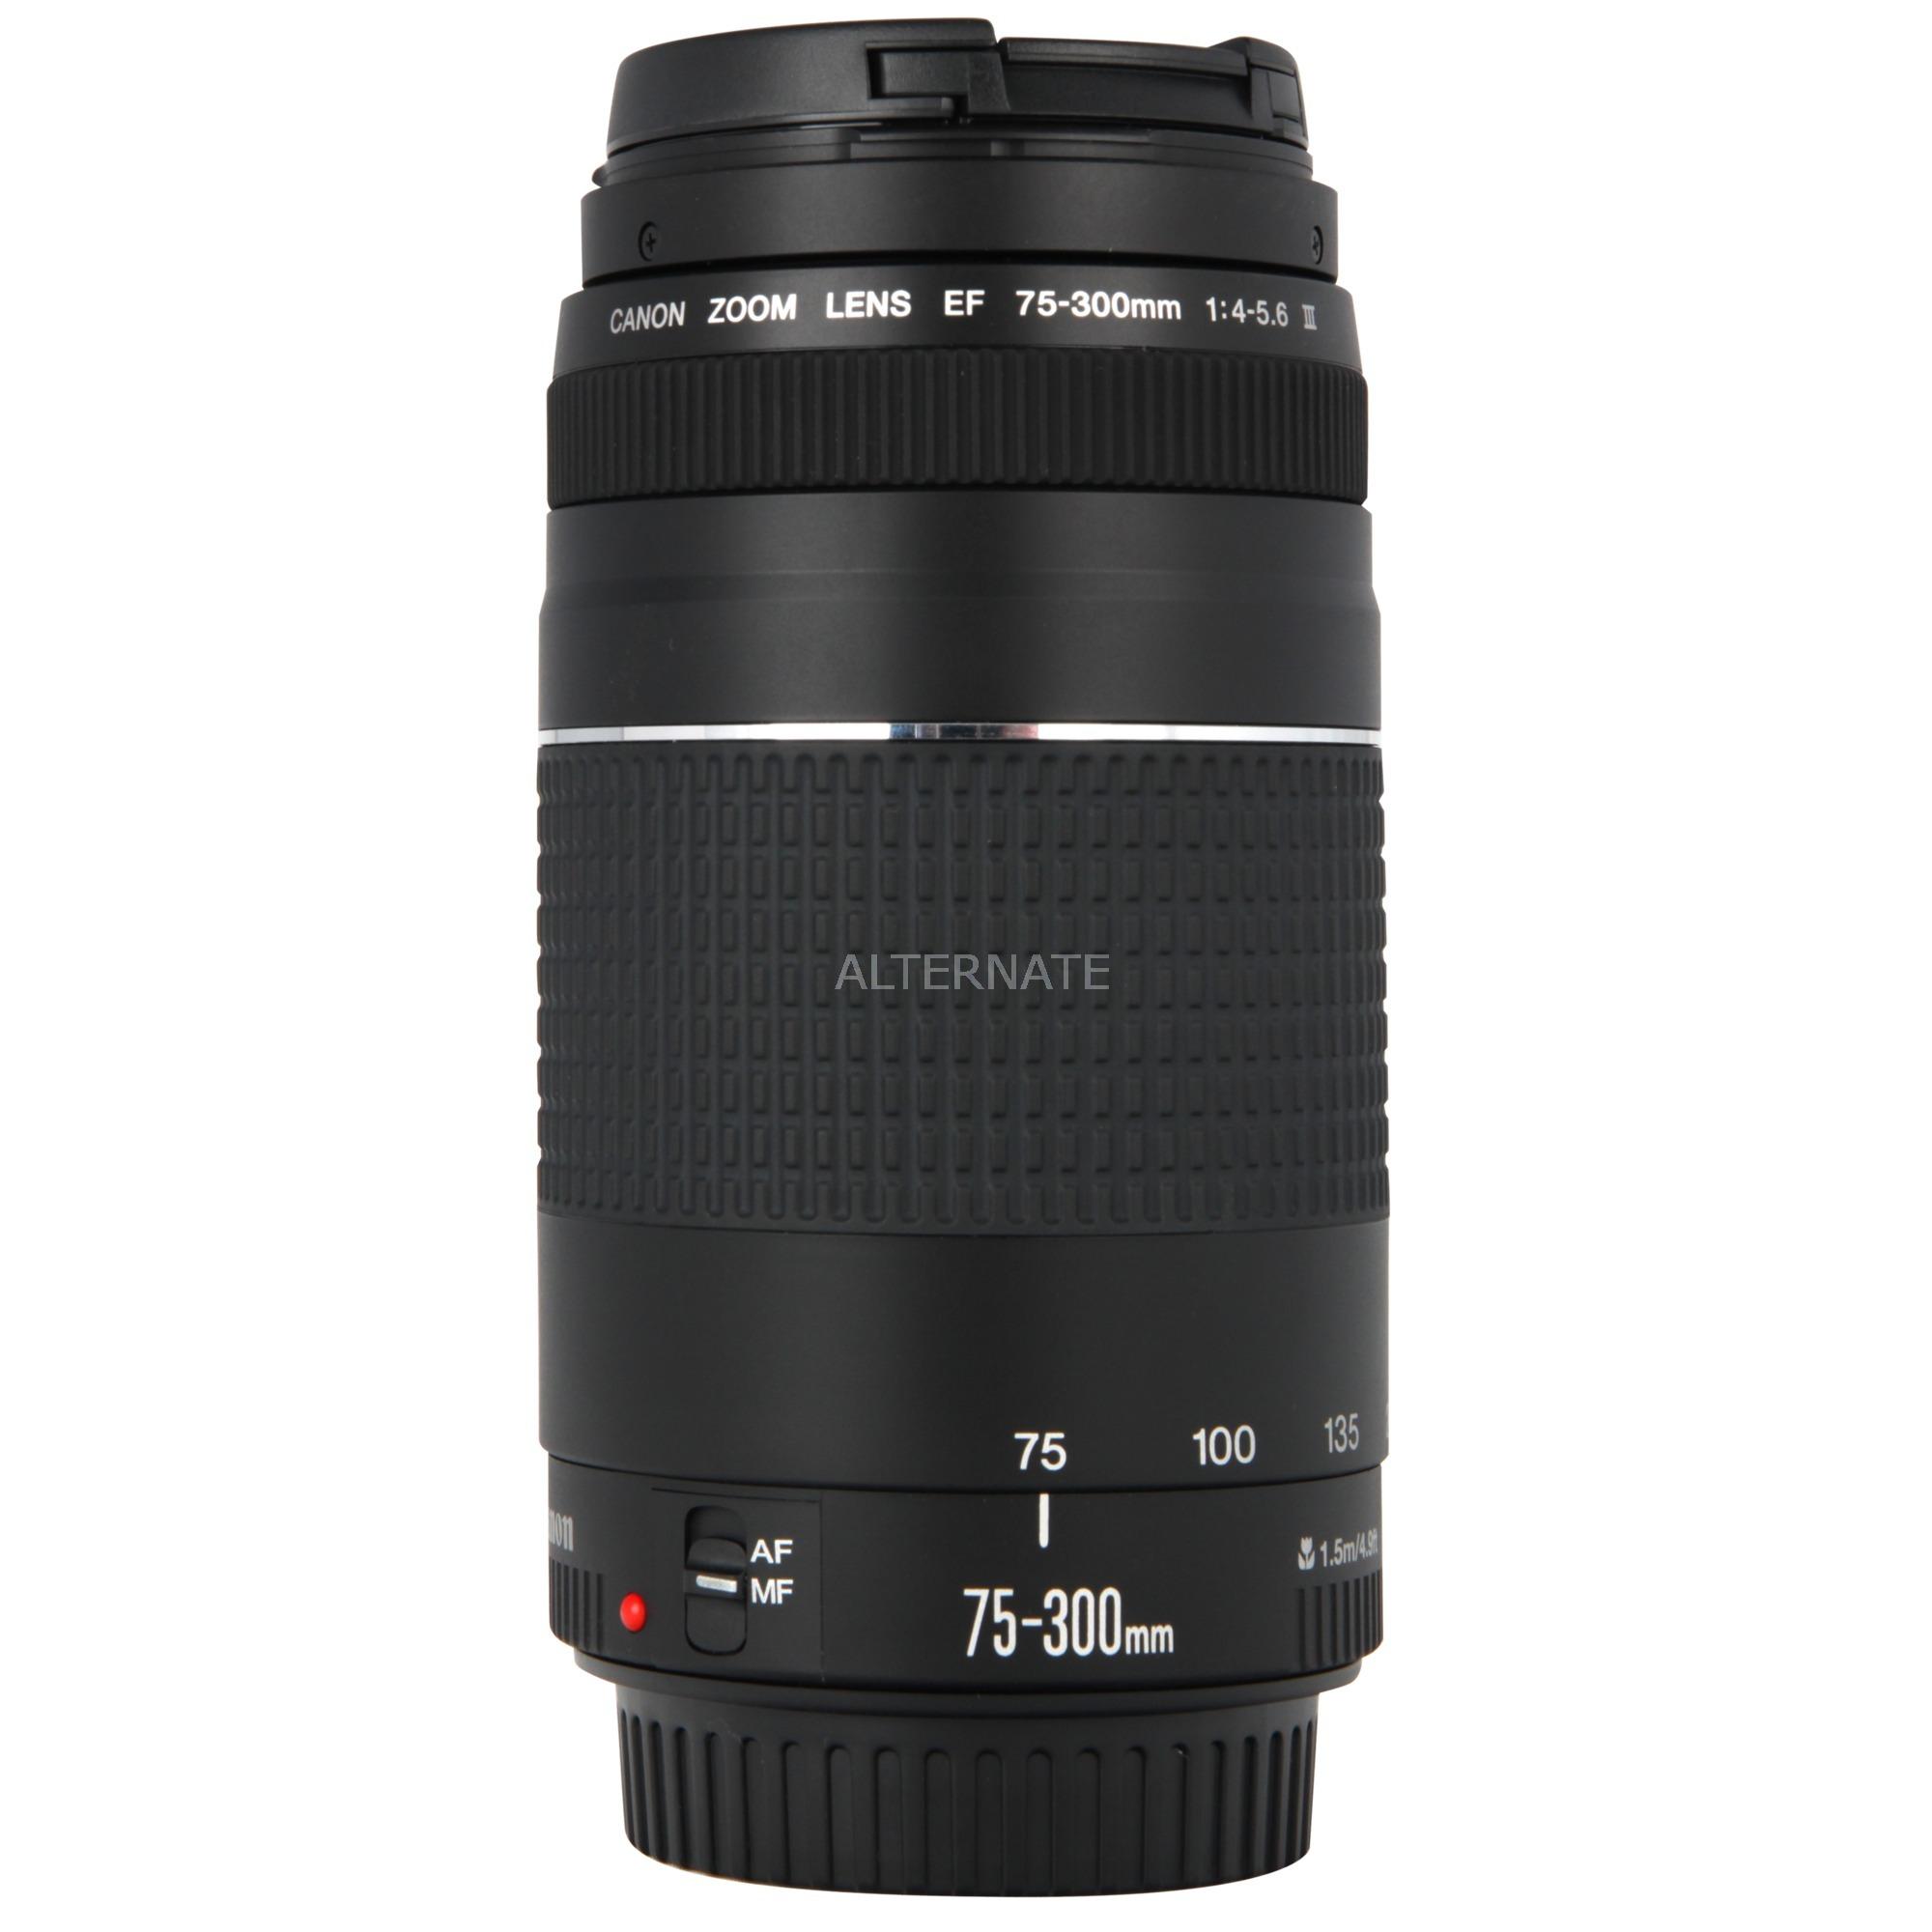 EF 75-300mm f/4.0-5.6 III SLR Téléobjectif Noir, Lentille